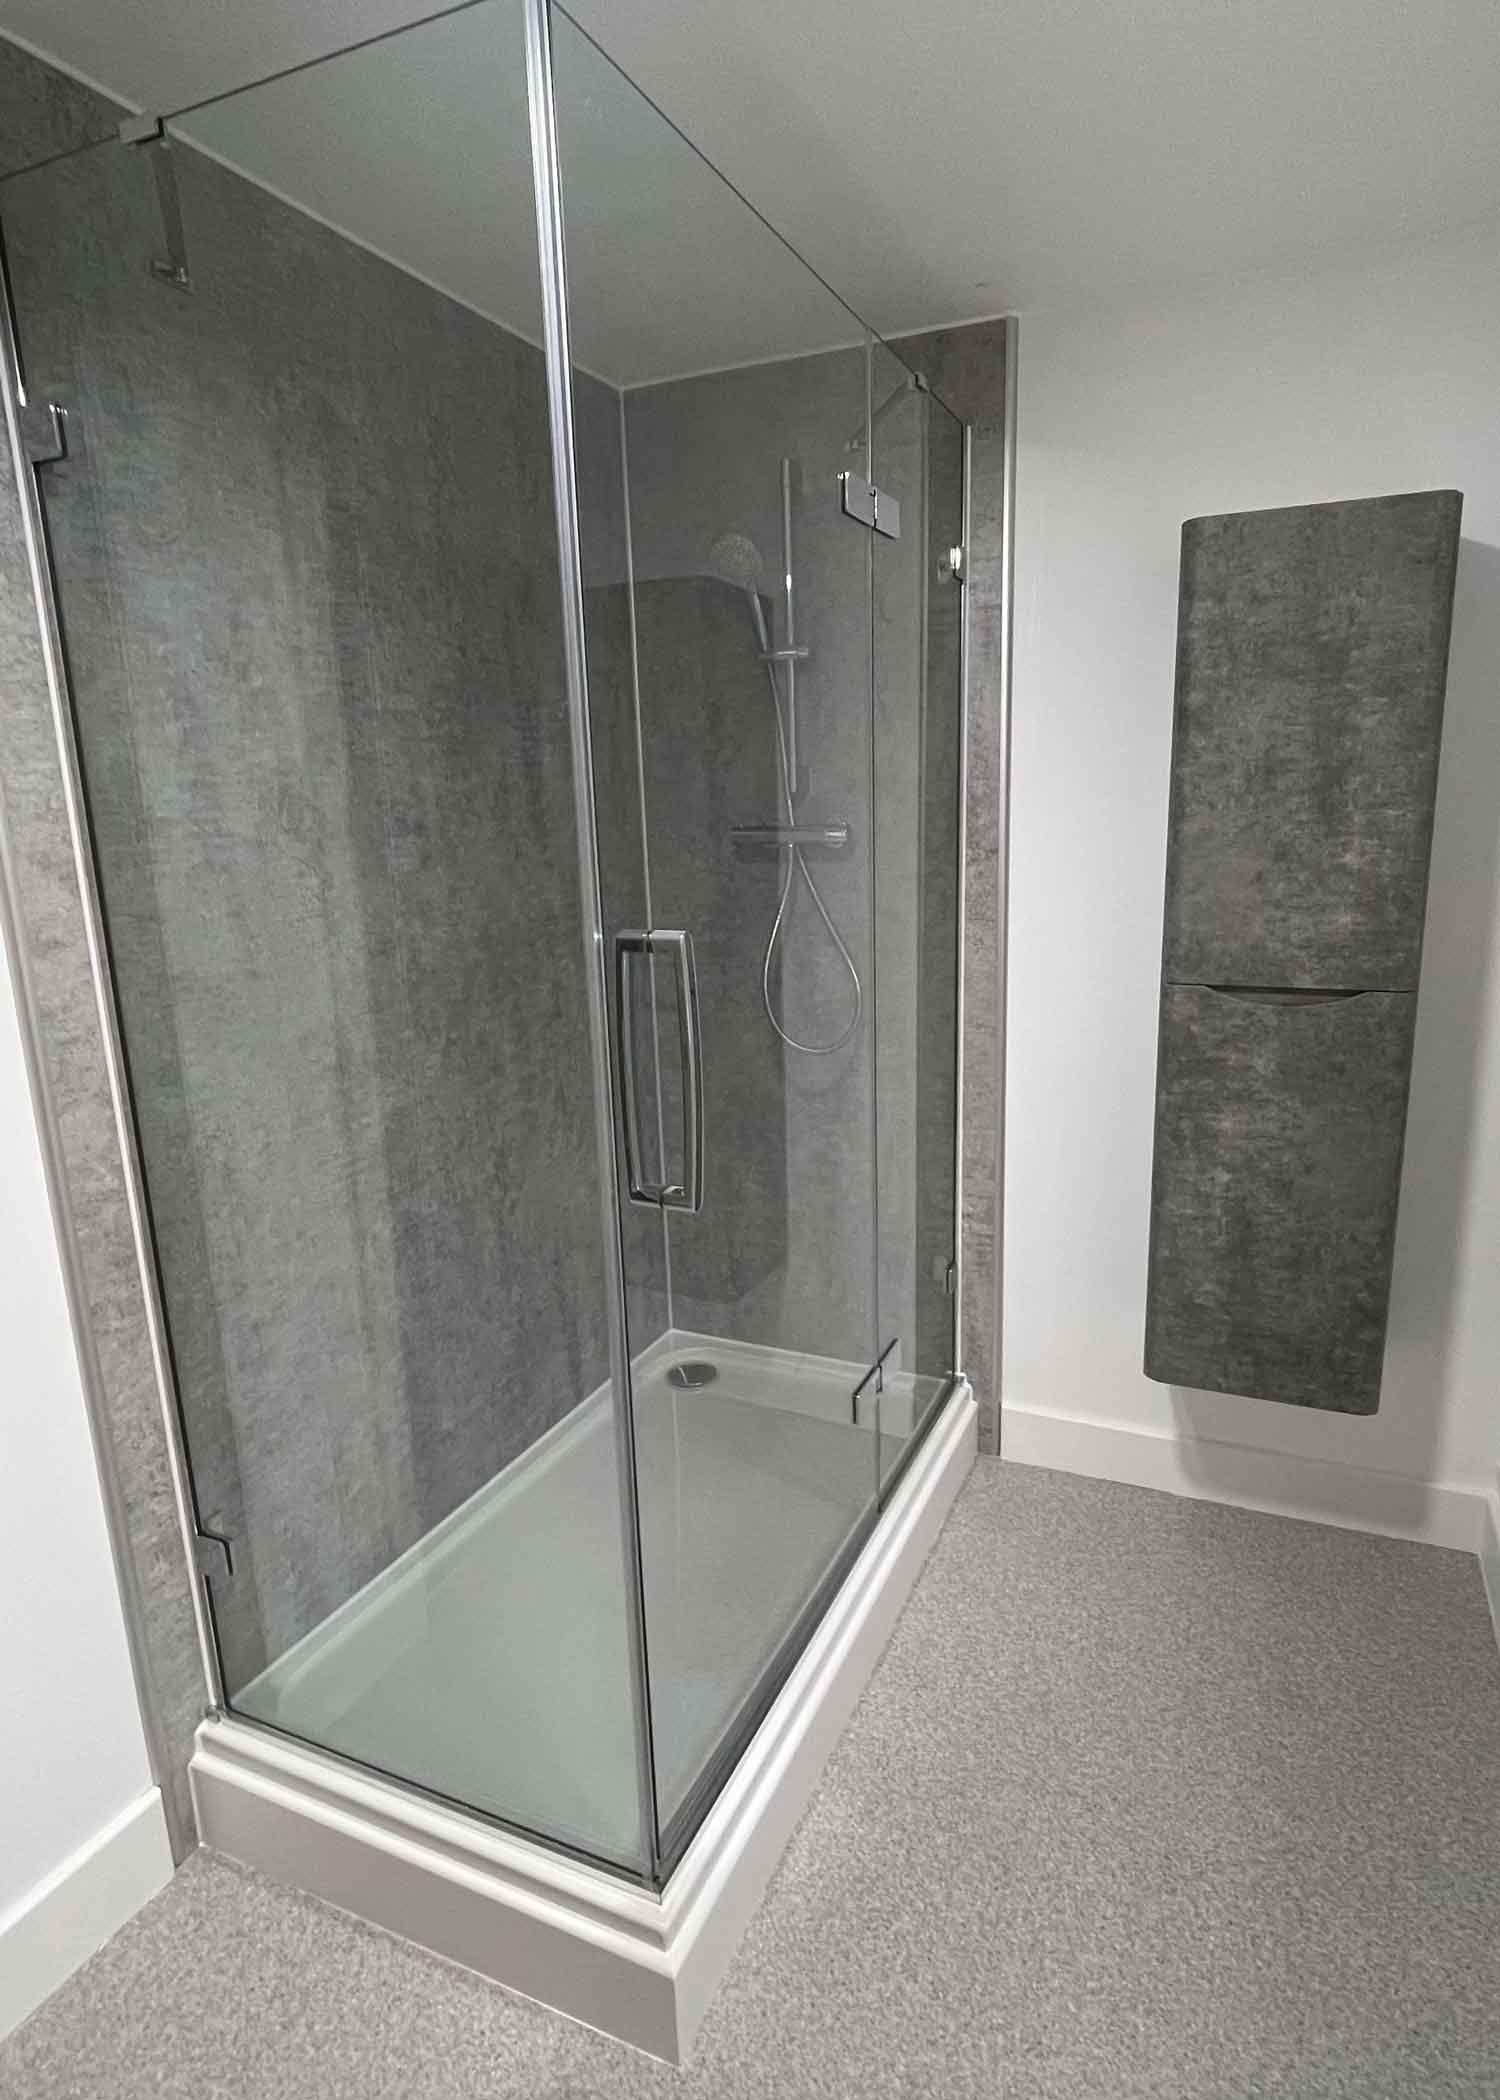 Sparta Mech plumbing - shower